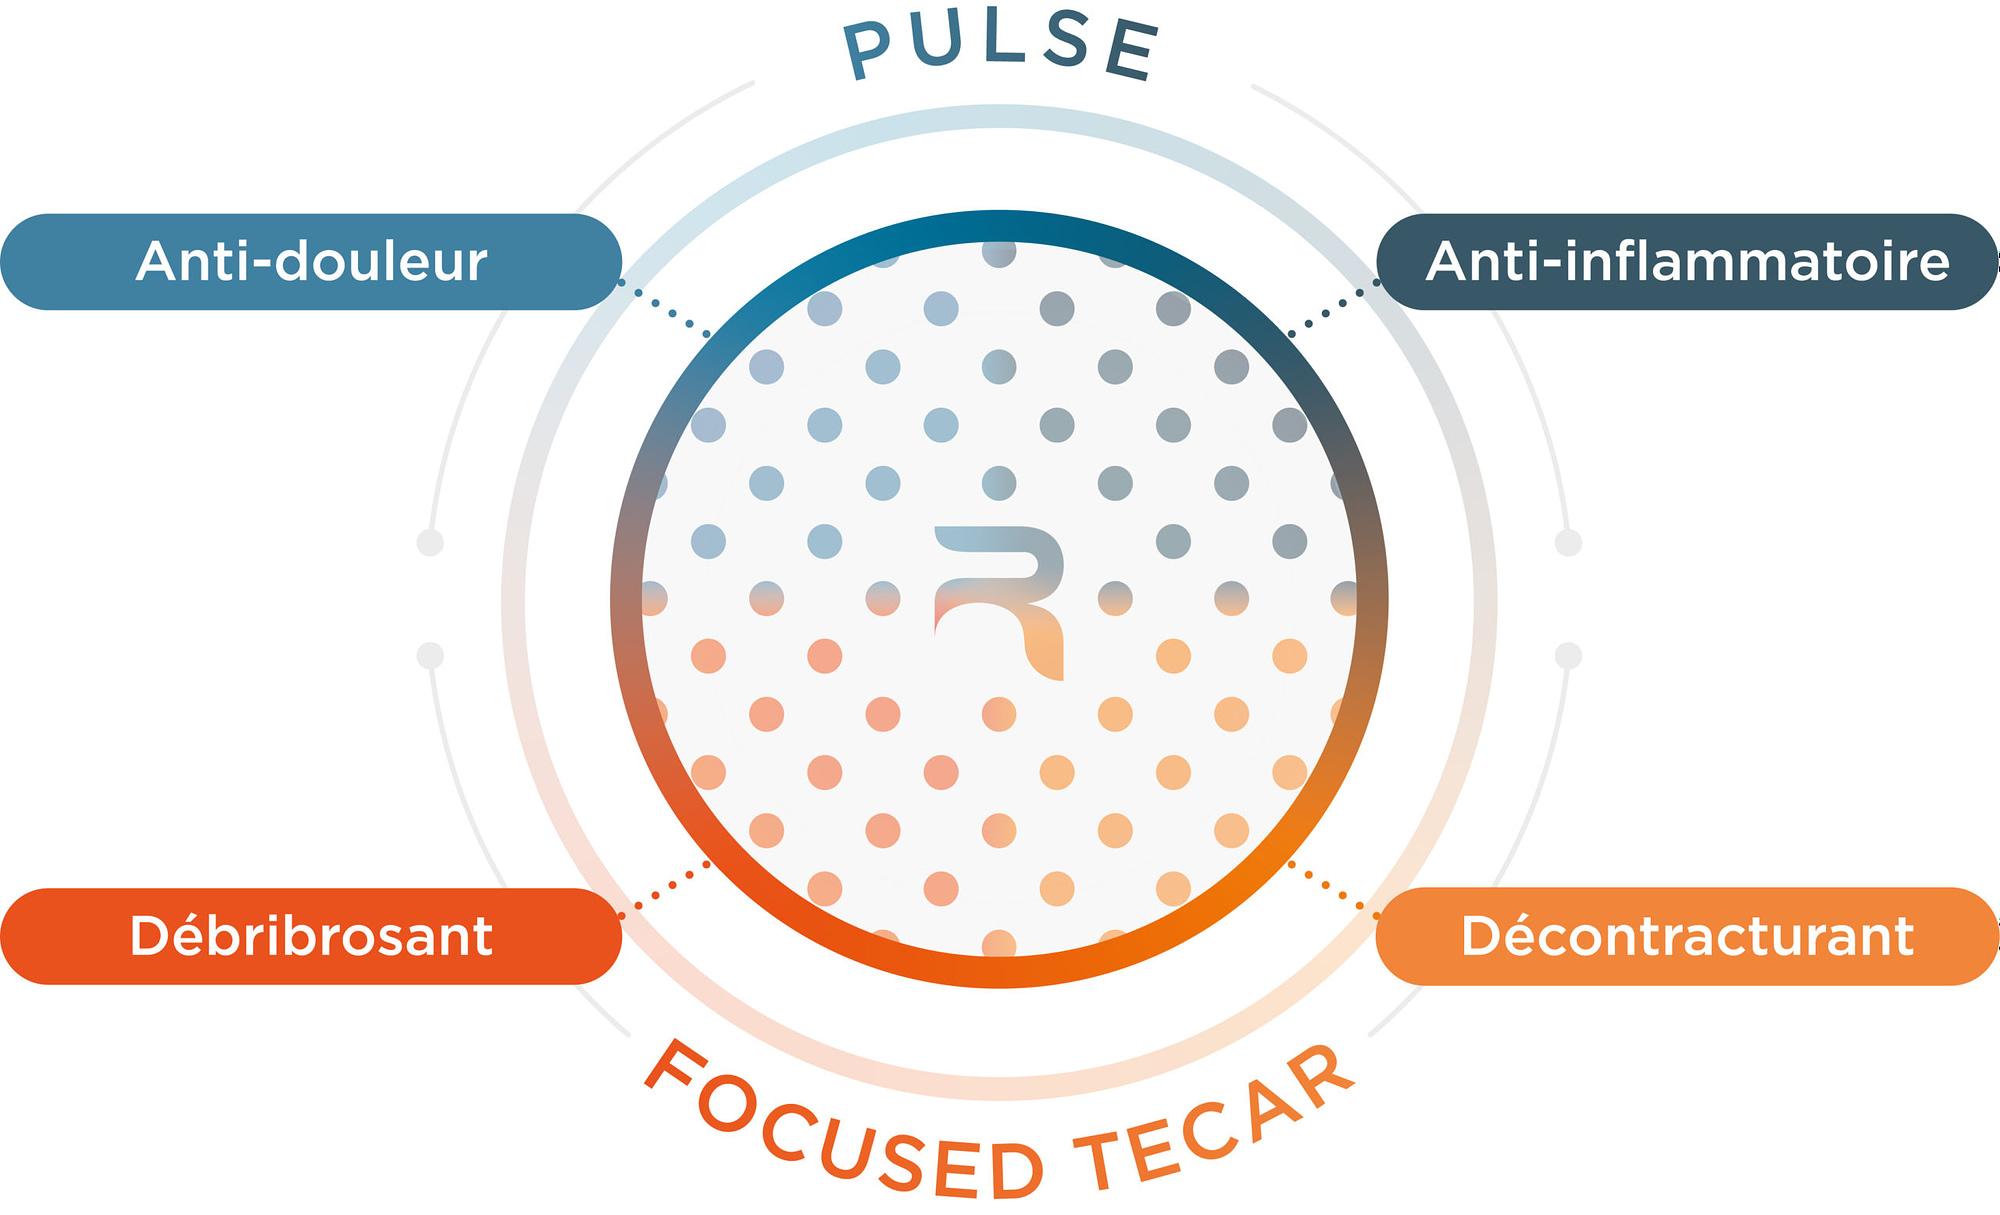 schema de la rshock Pulse et Focused tecar